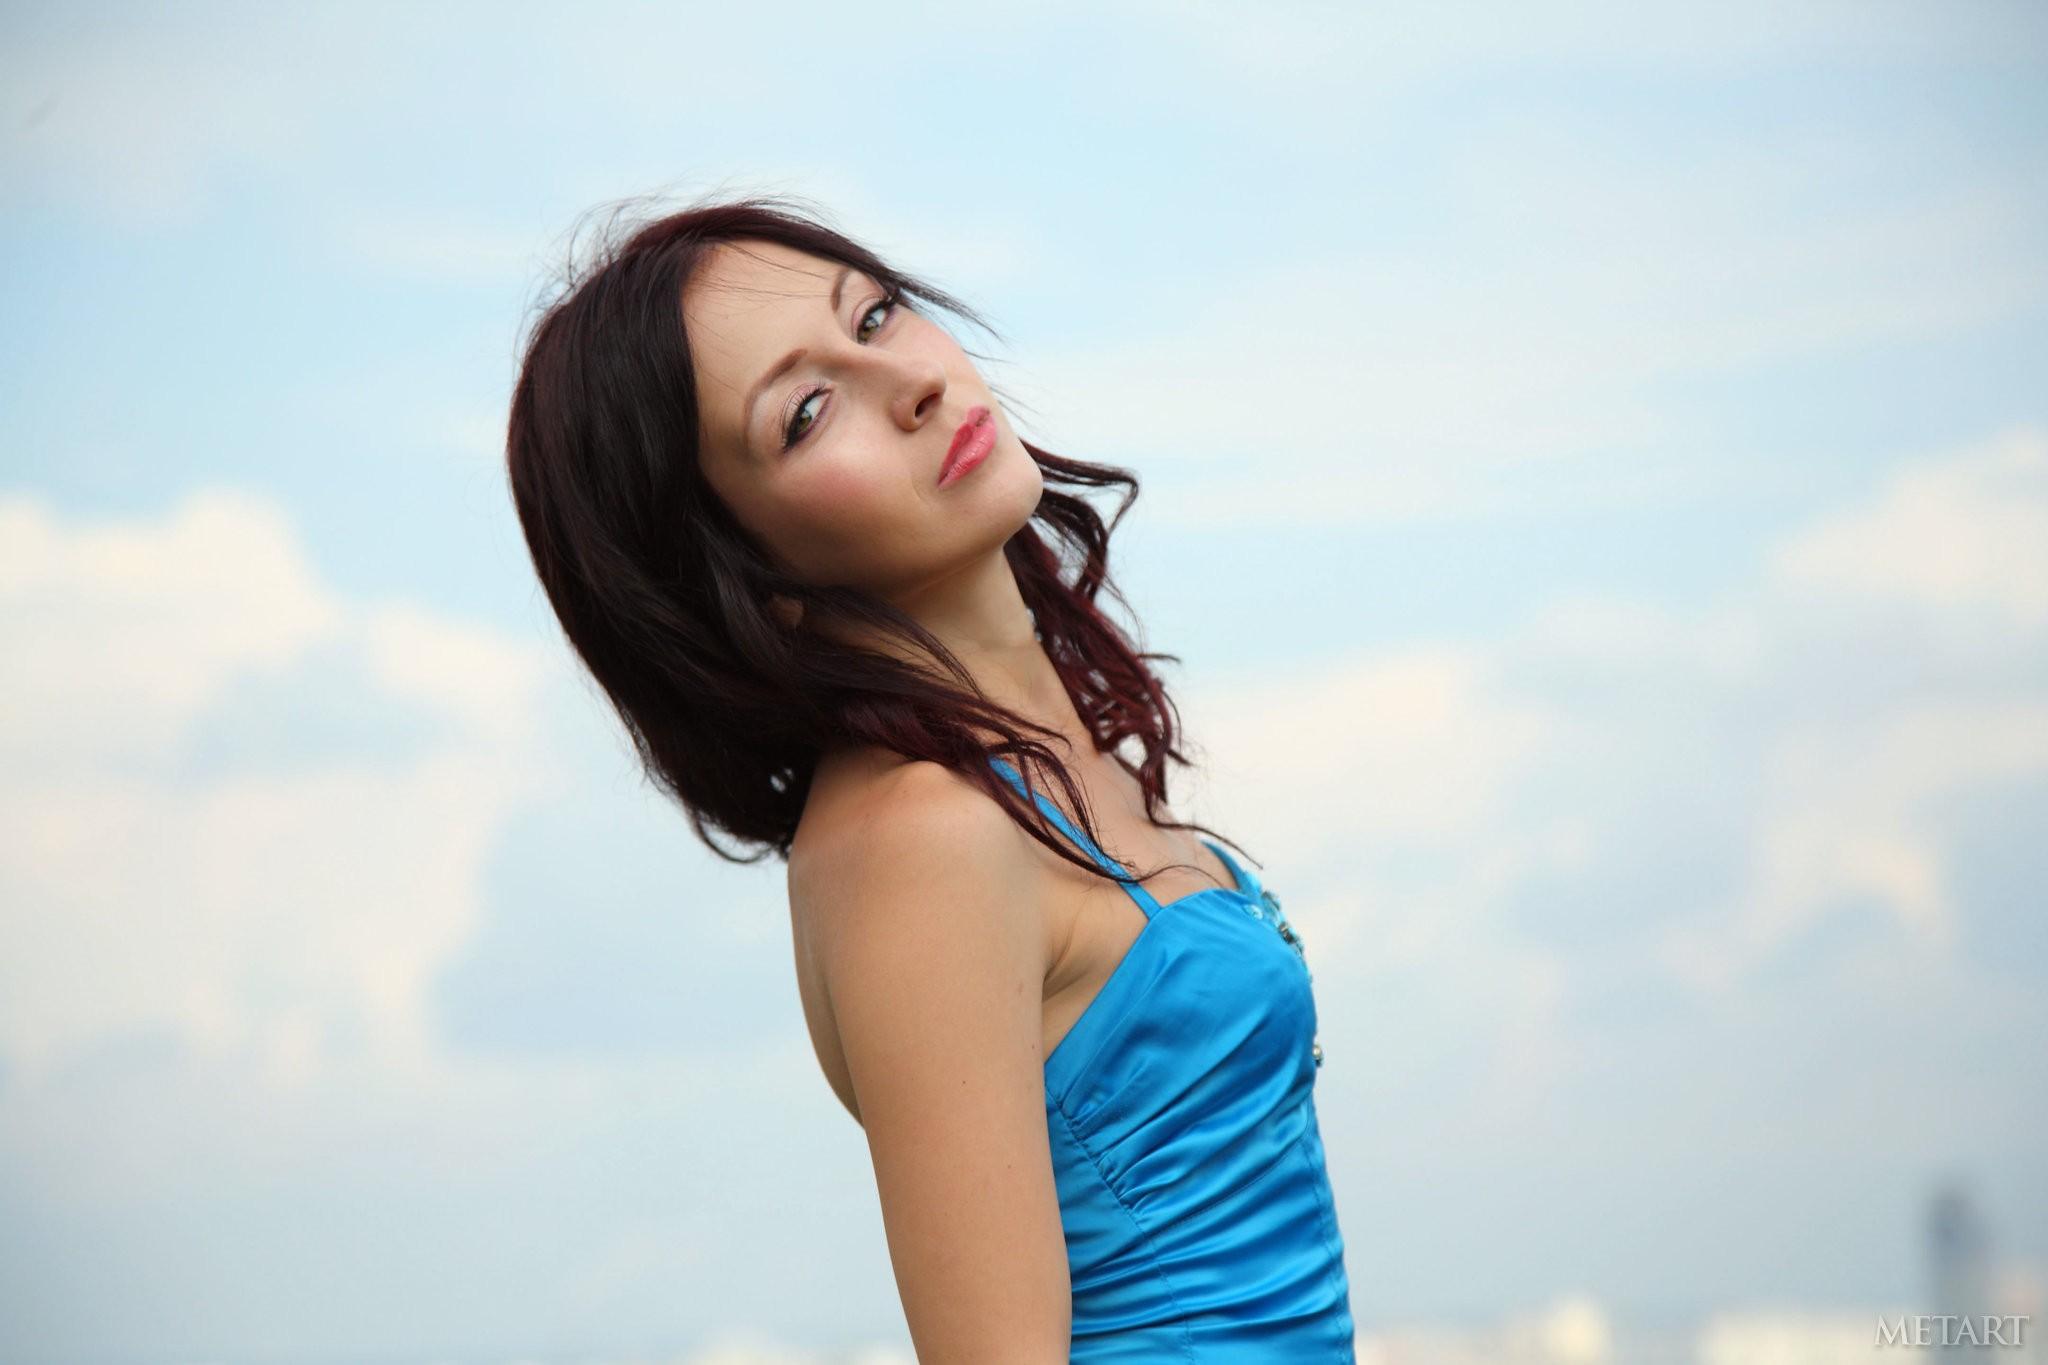 Pelirroja con vestido azul - 2048x1365